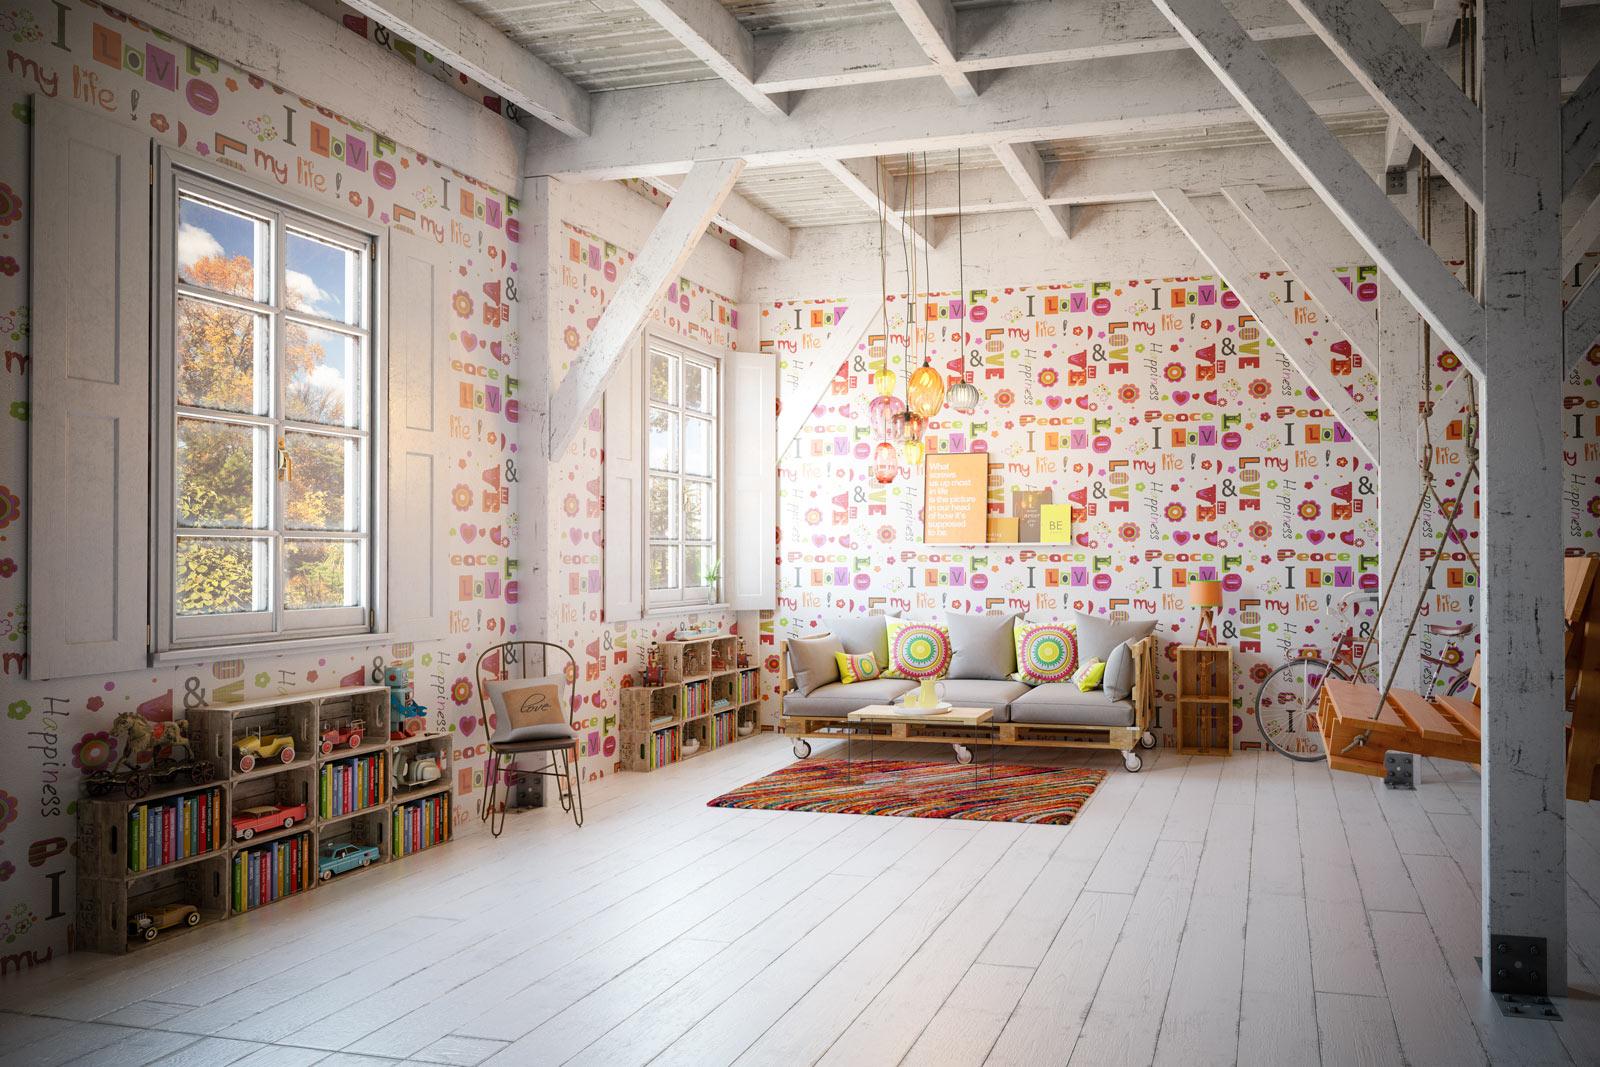 Teen Bedroom with Funky Wallpaper